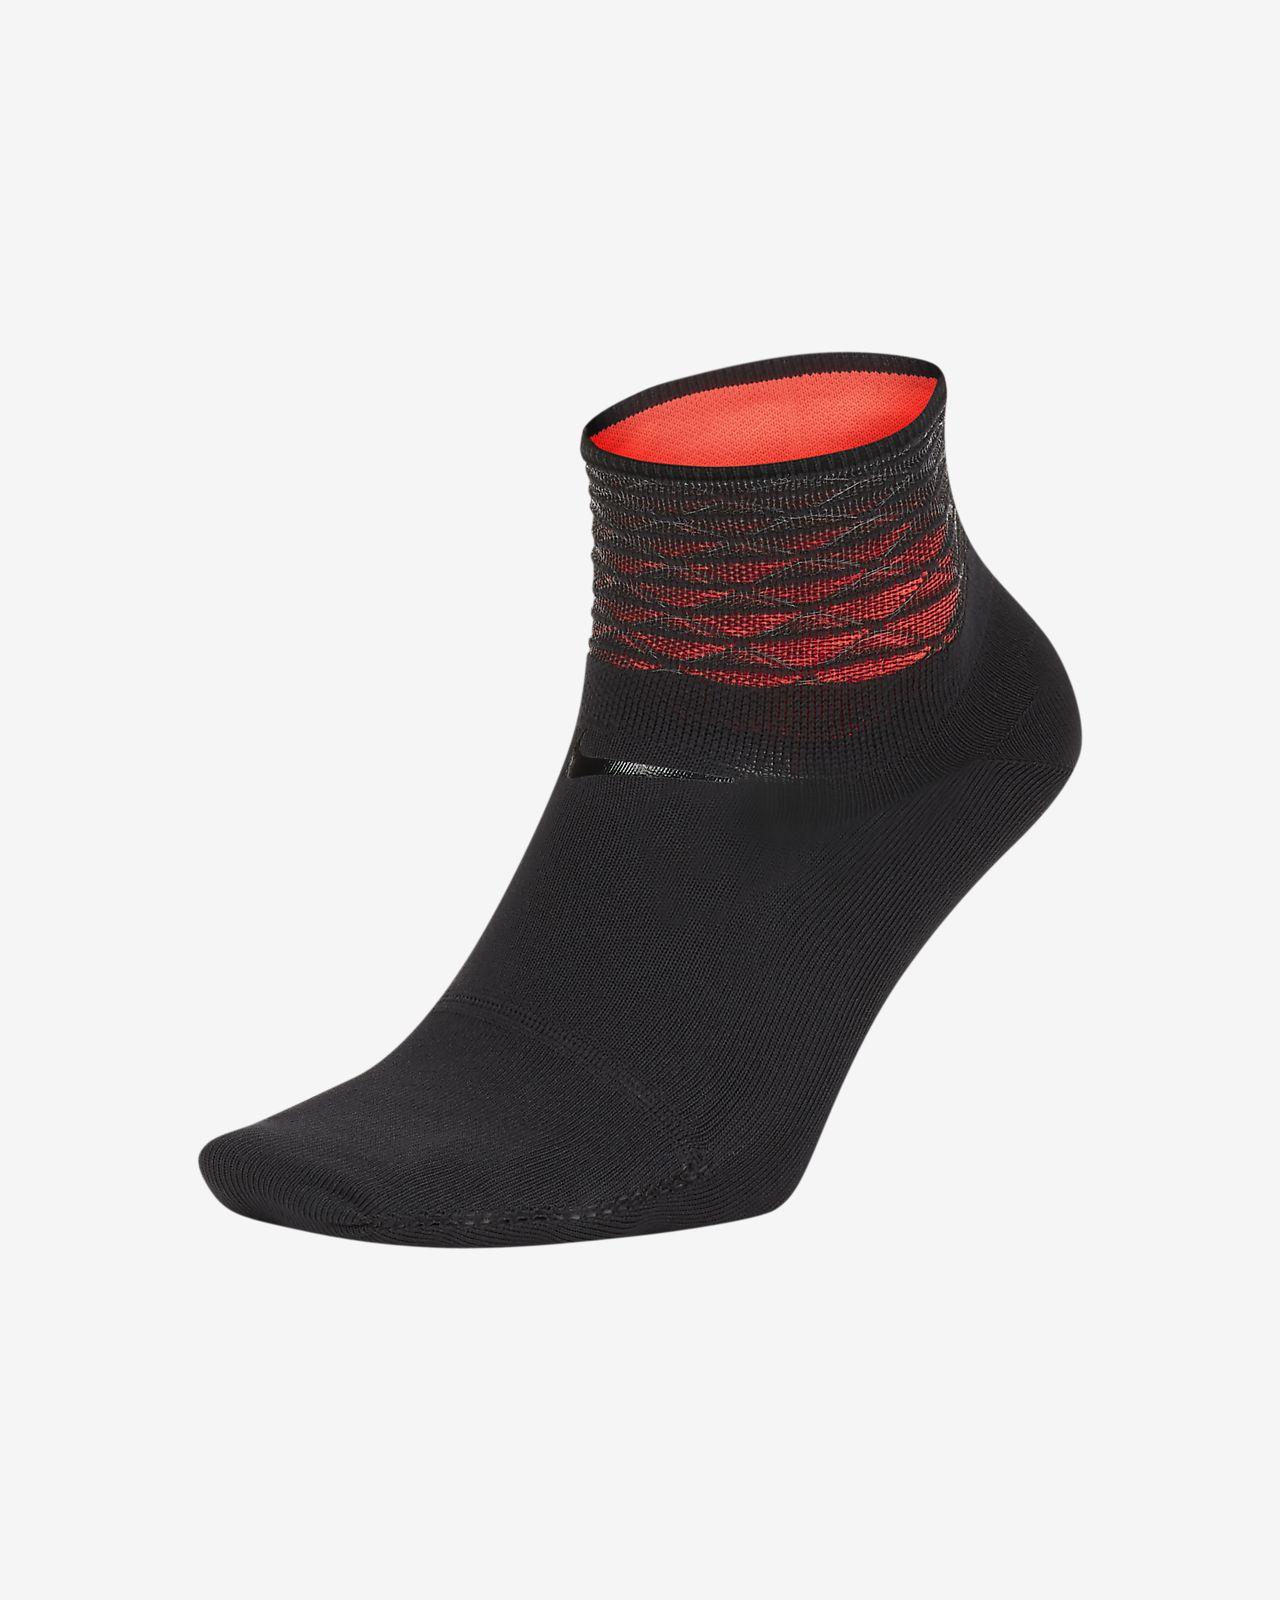 Γυναικείες κάλτσες spinning μέχρι τον αστράγαλο Nike Air